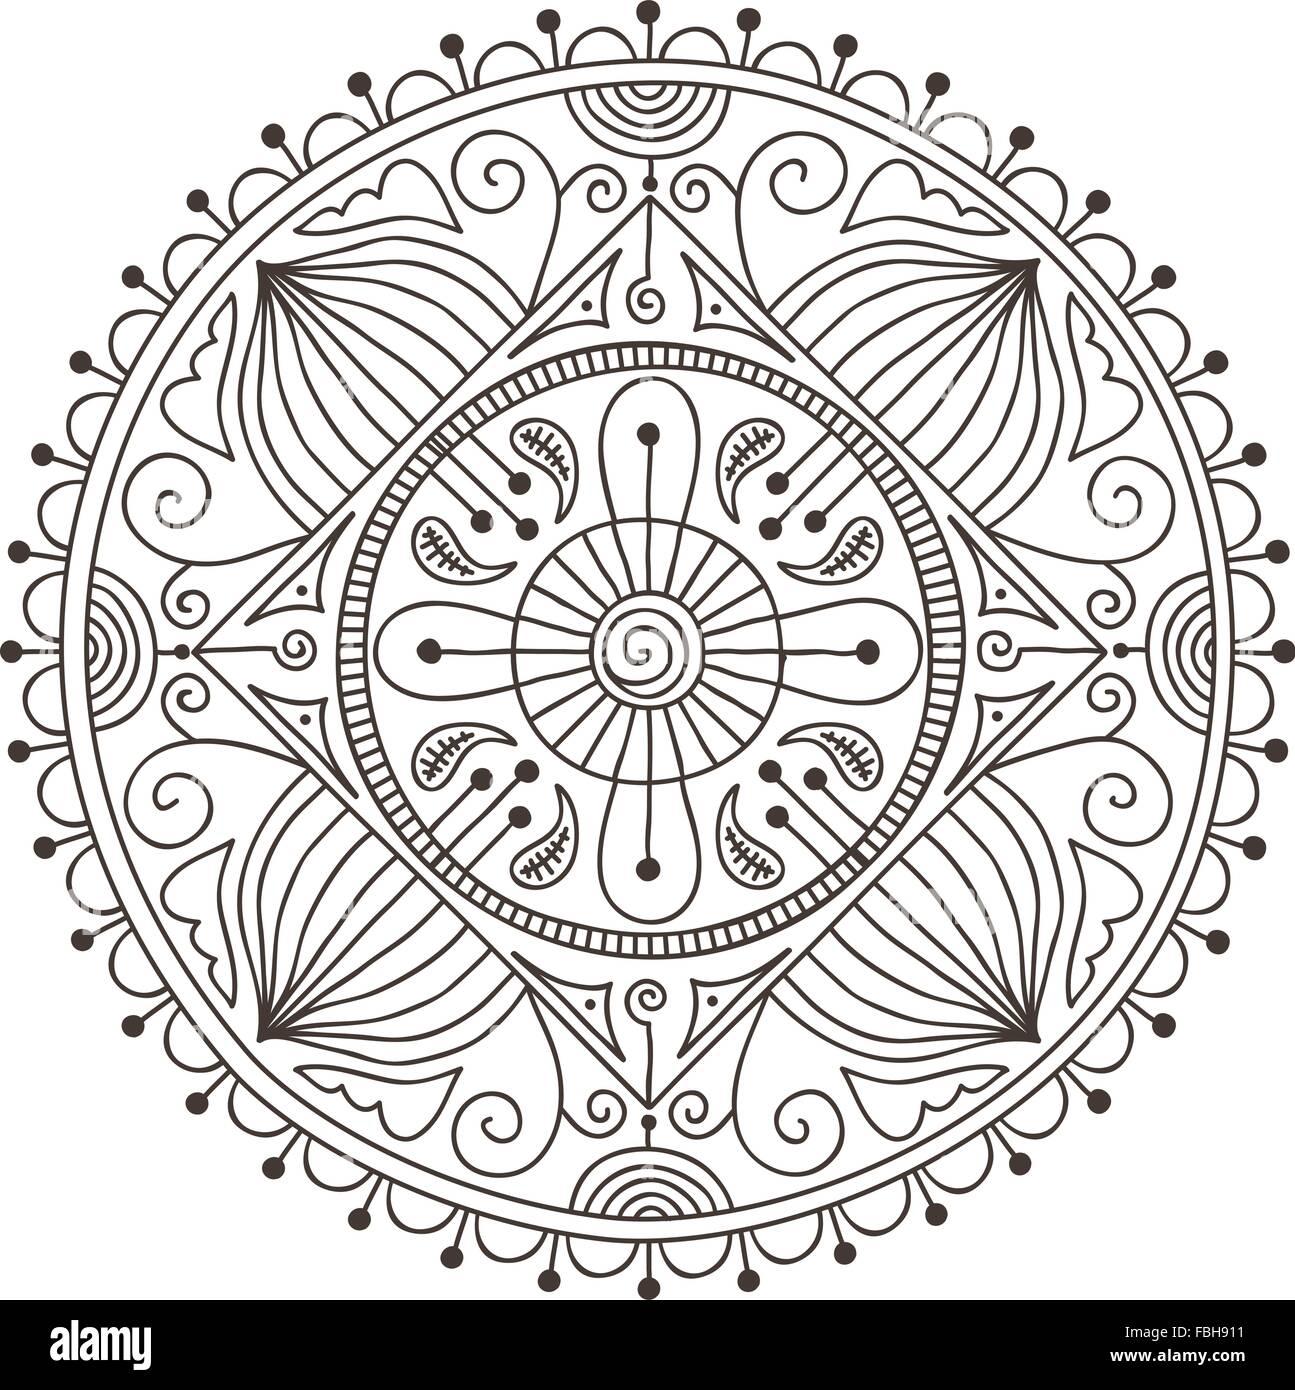 Wunderschöne handgezeichnete Doodle mandala Vektor Abbildung - Bild ...